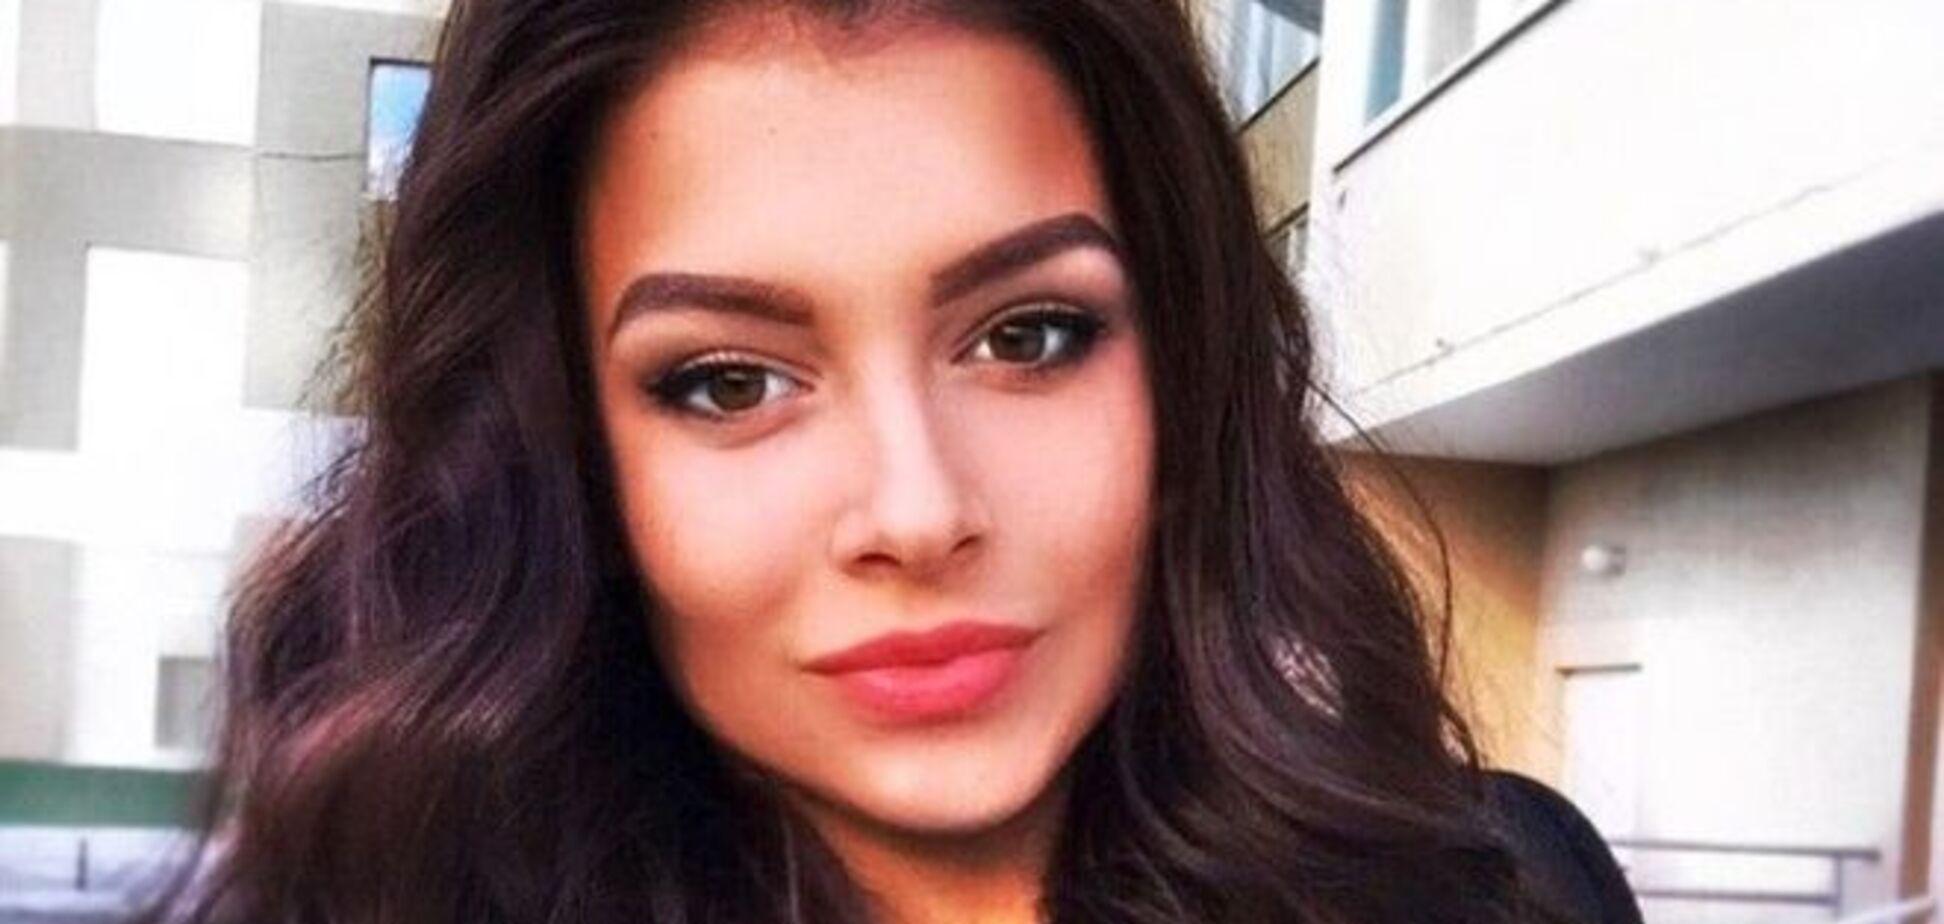 10 лучших фото 'Мисс Россия 2015' Софии Никитчук